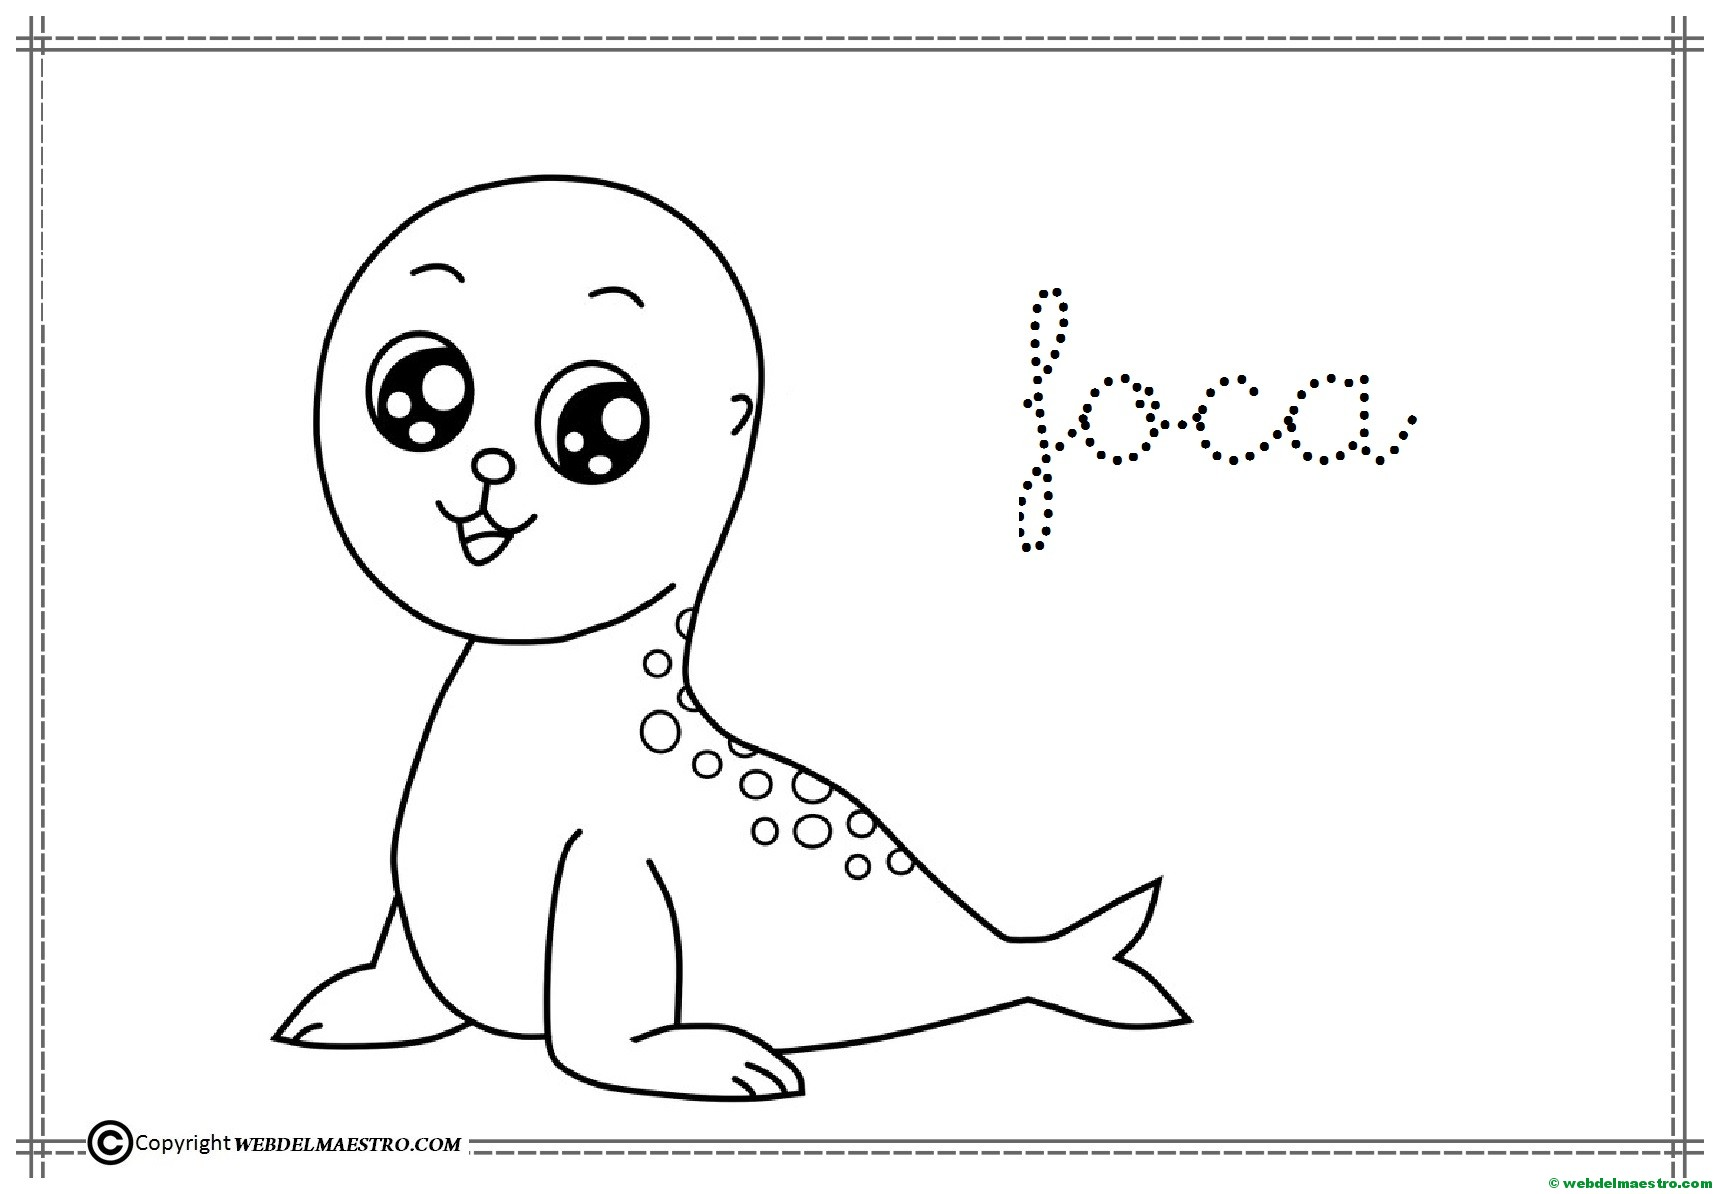 Dibujos De Maestras Para Colorear E Imprimir: Dibujos Para Colorear Fáciles